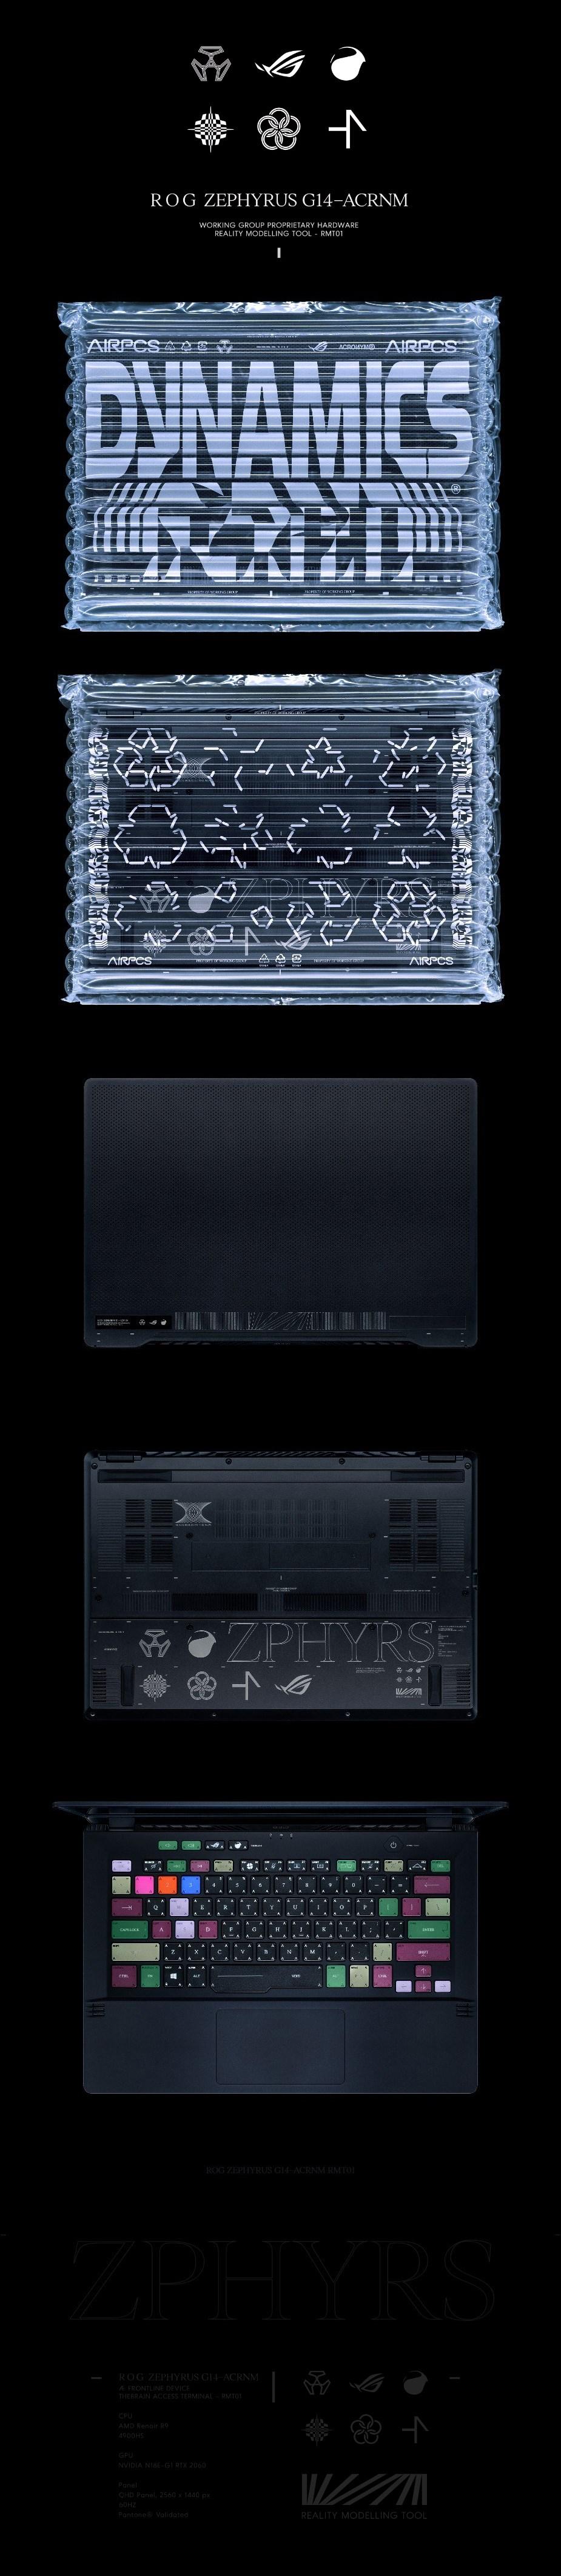 """ASUS ROG Zephyrus G14-ACRNM 14"""" Laptop R9-4900HS 32GB 1TB RTX2060 W10H - Overview 1"""